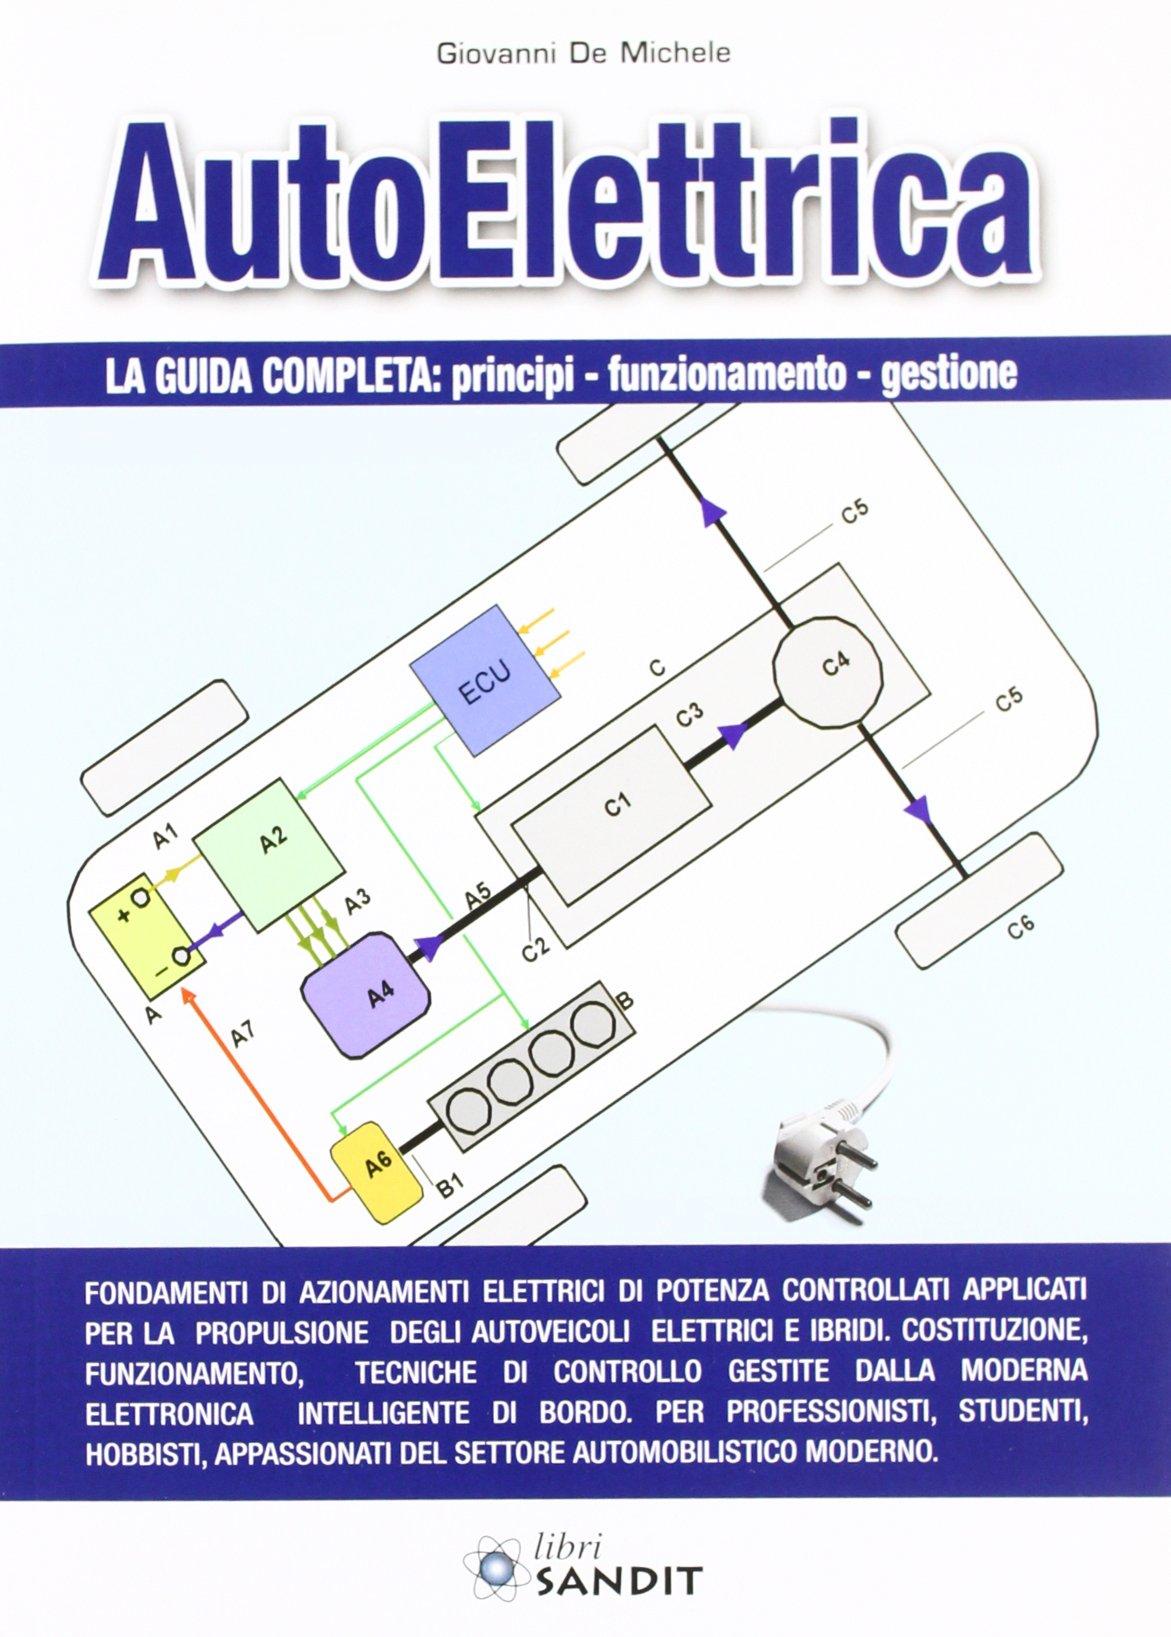 Schema Elettrico Auto : Amazon.it: auto elettrica giovanni de michele libri